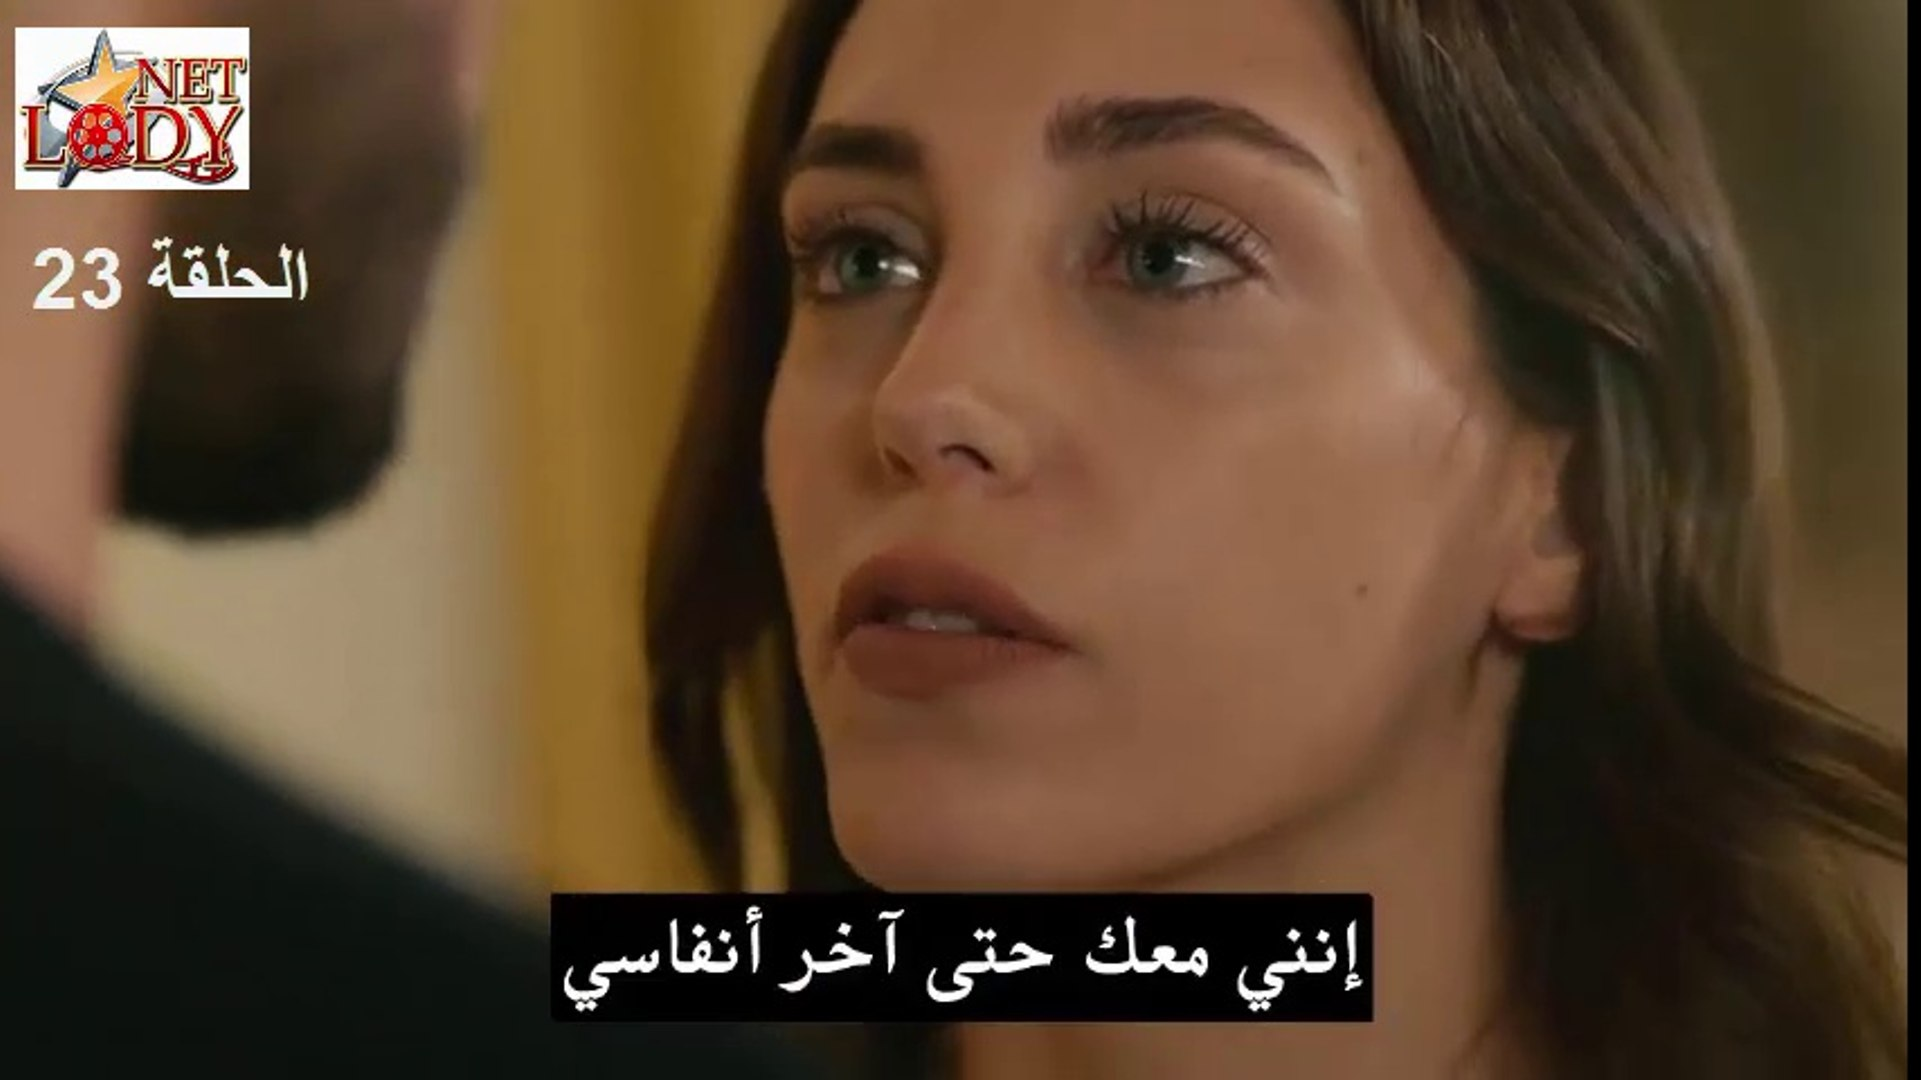 Hd مسلسل نبضات قلب الحلقة 23 كاملة مترجمة بالعربية فيديو Dailymotion